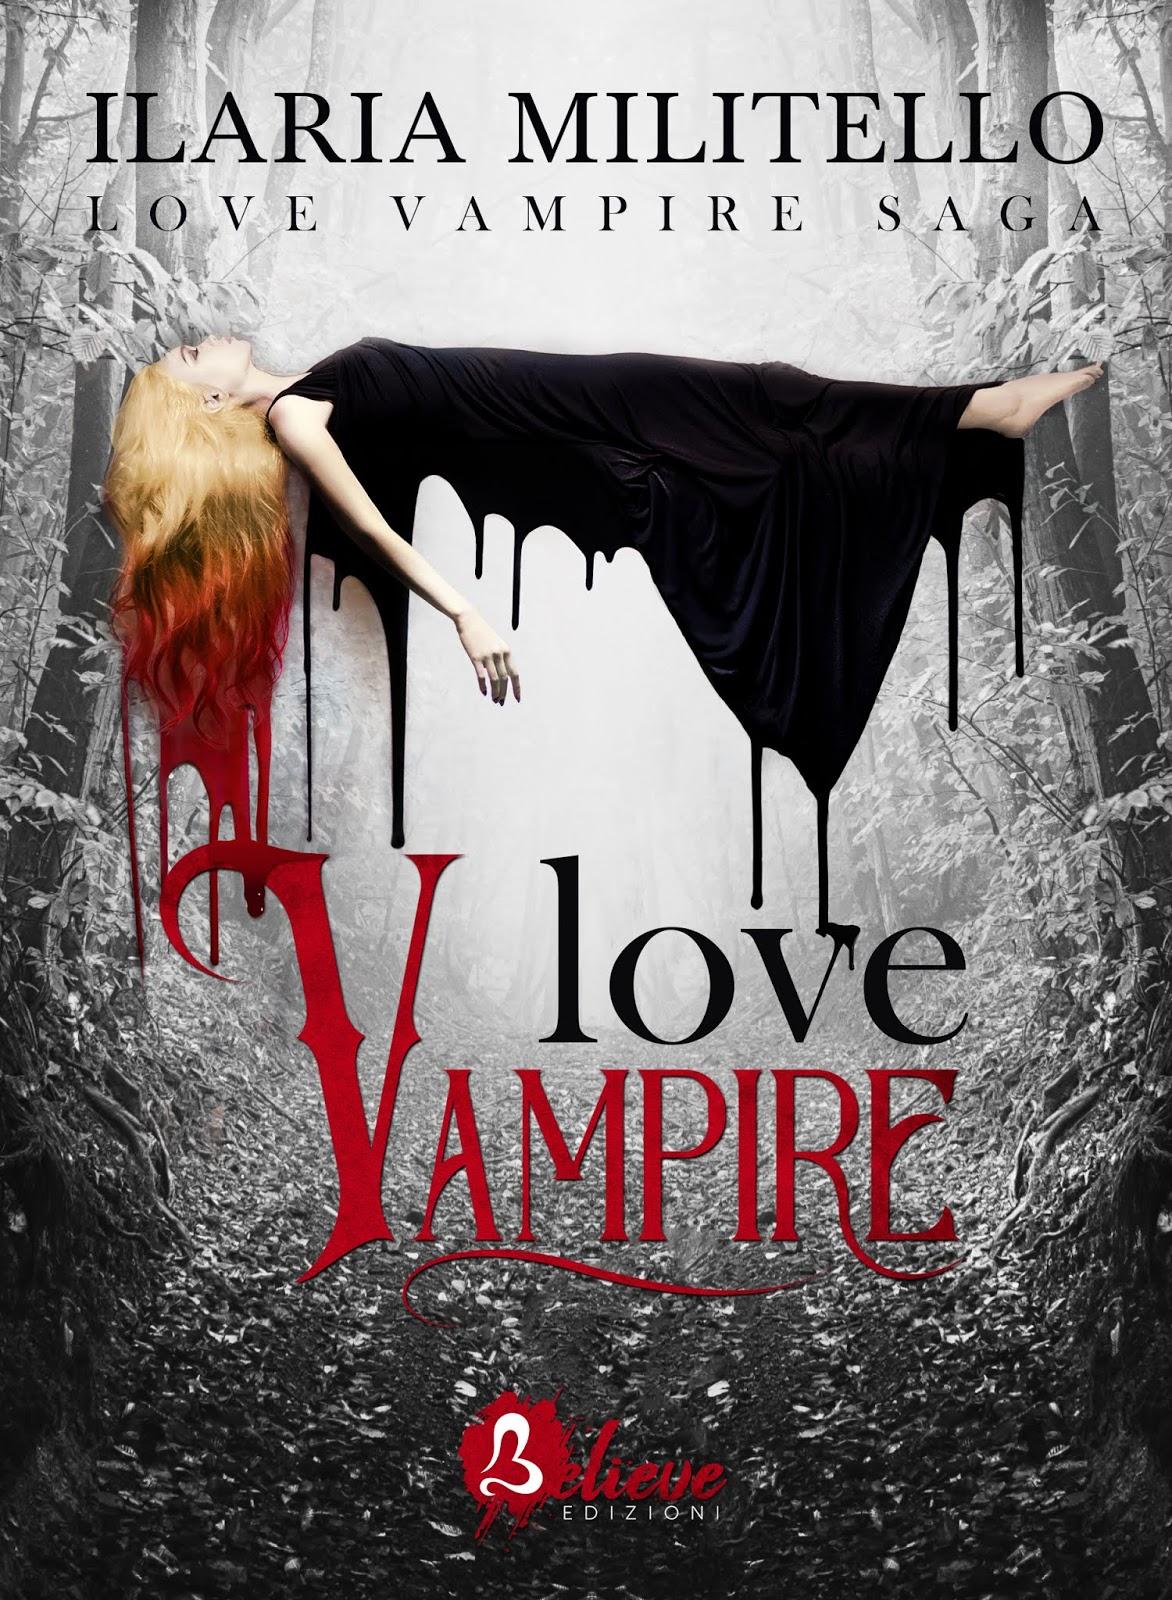 Diari di vampiri datati nella vita reale